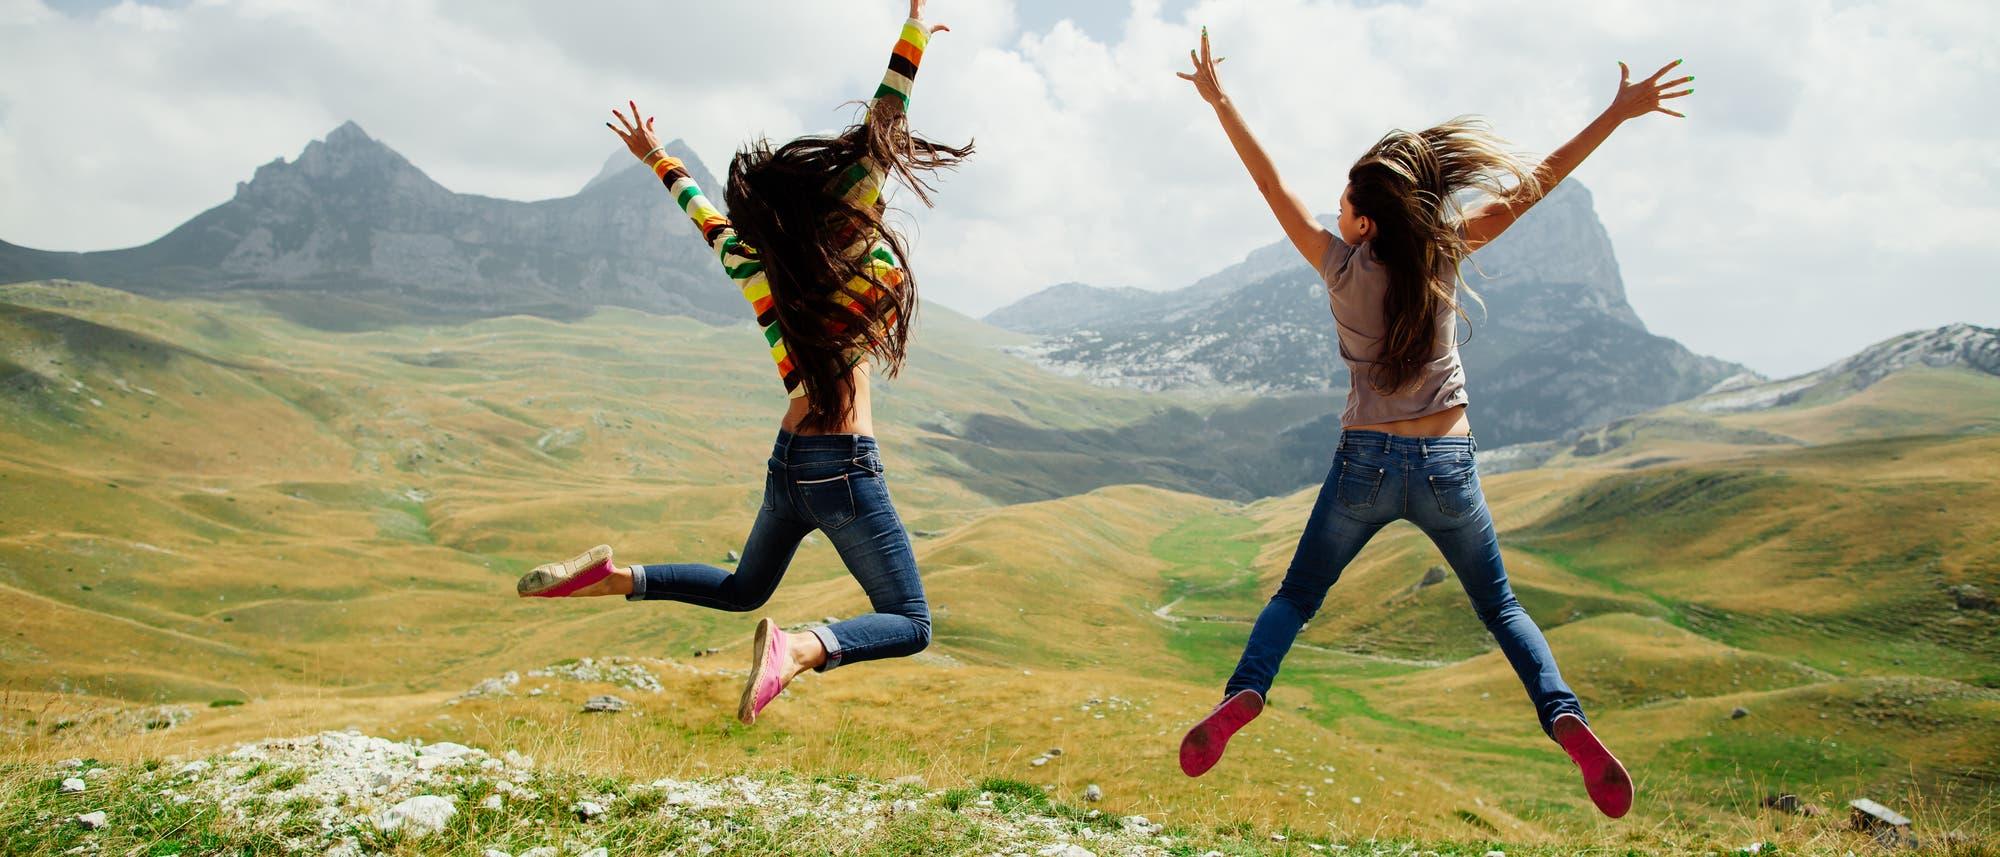 Zwei energiegeladene Mädchen springen vor einer Bergkulisse in die Höhe